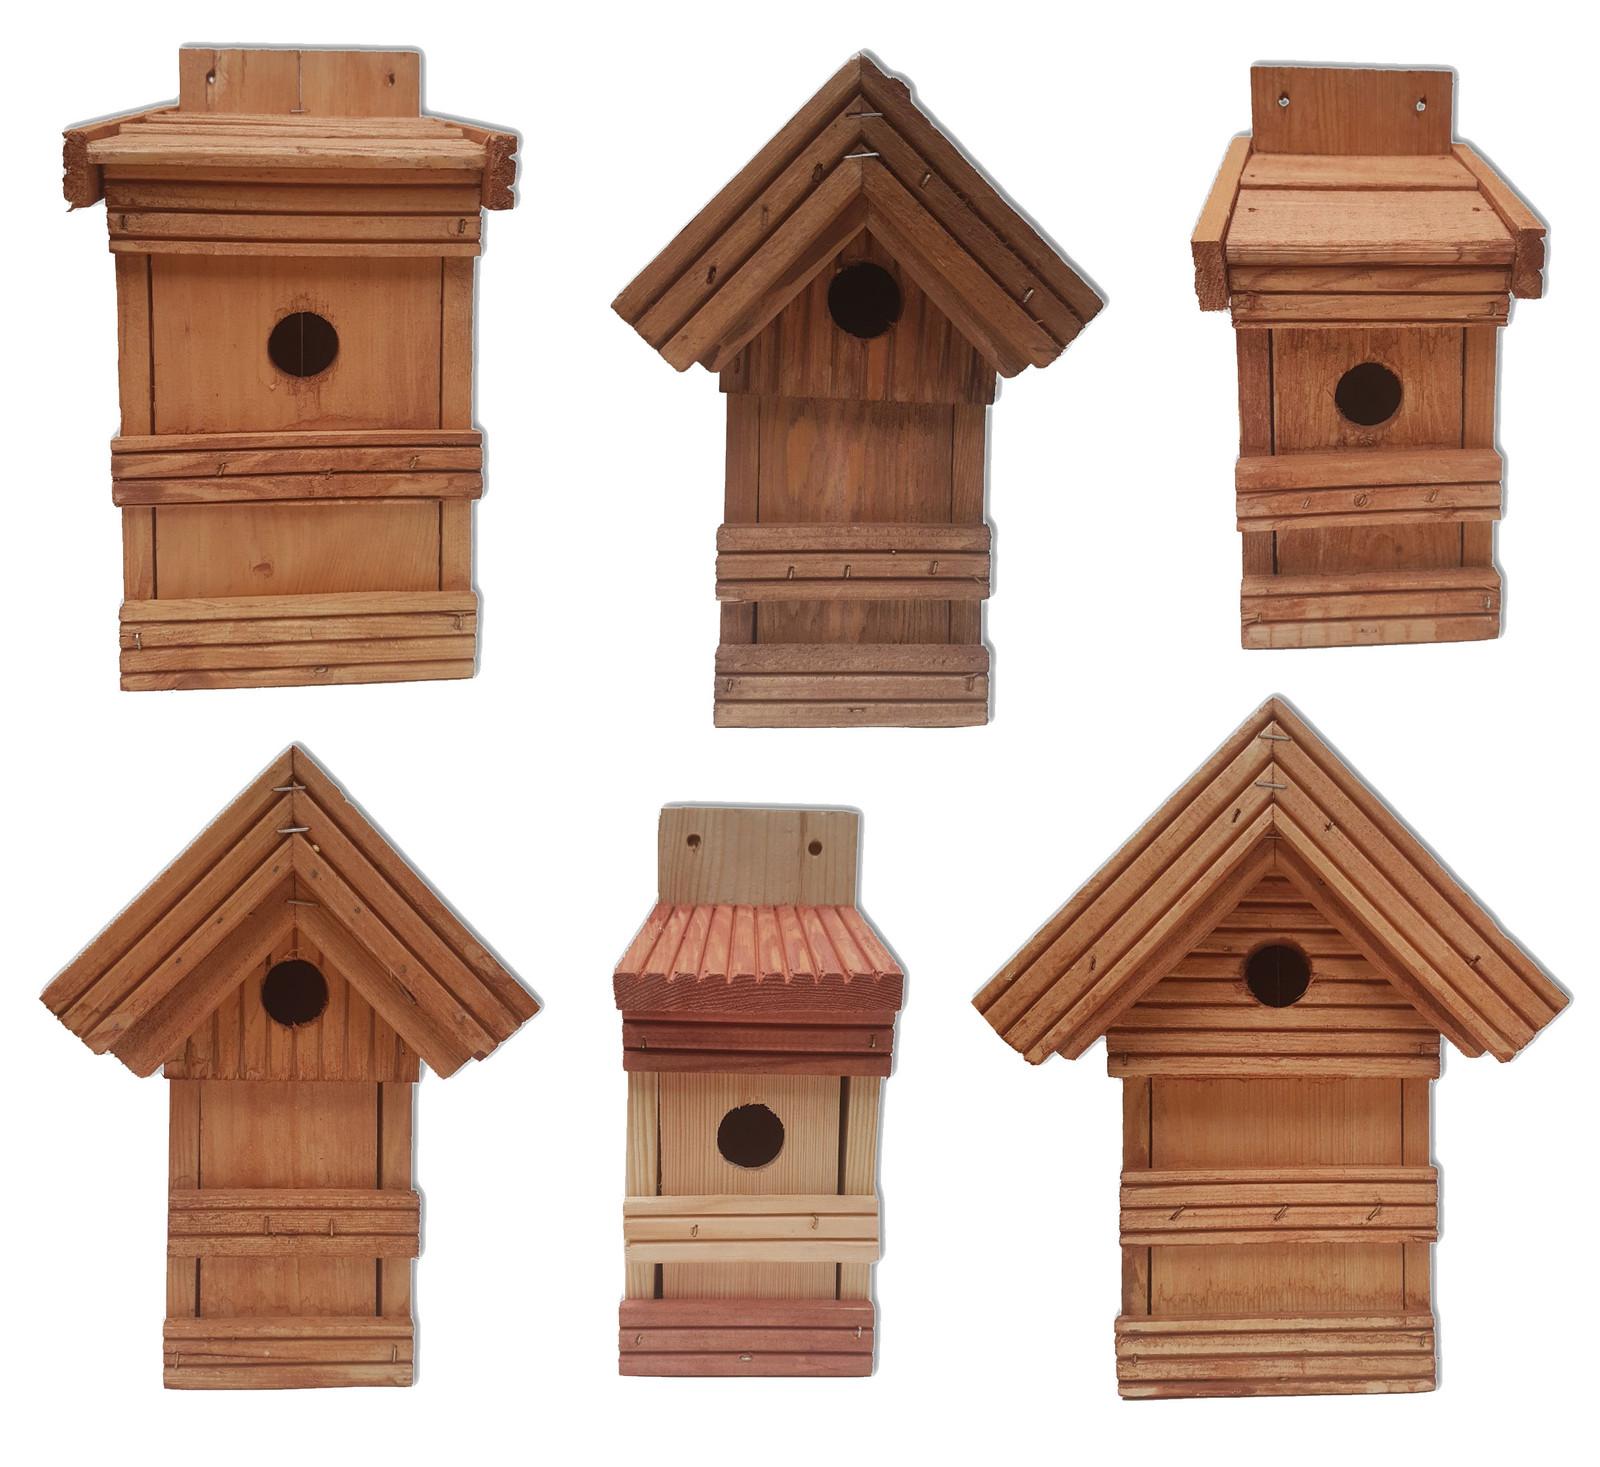 Nistkasten für kleine Vögel – Bild 1